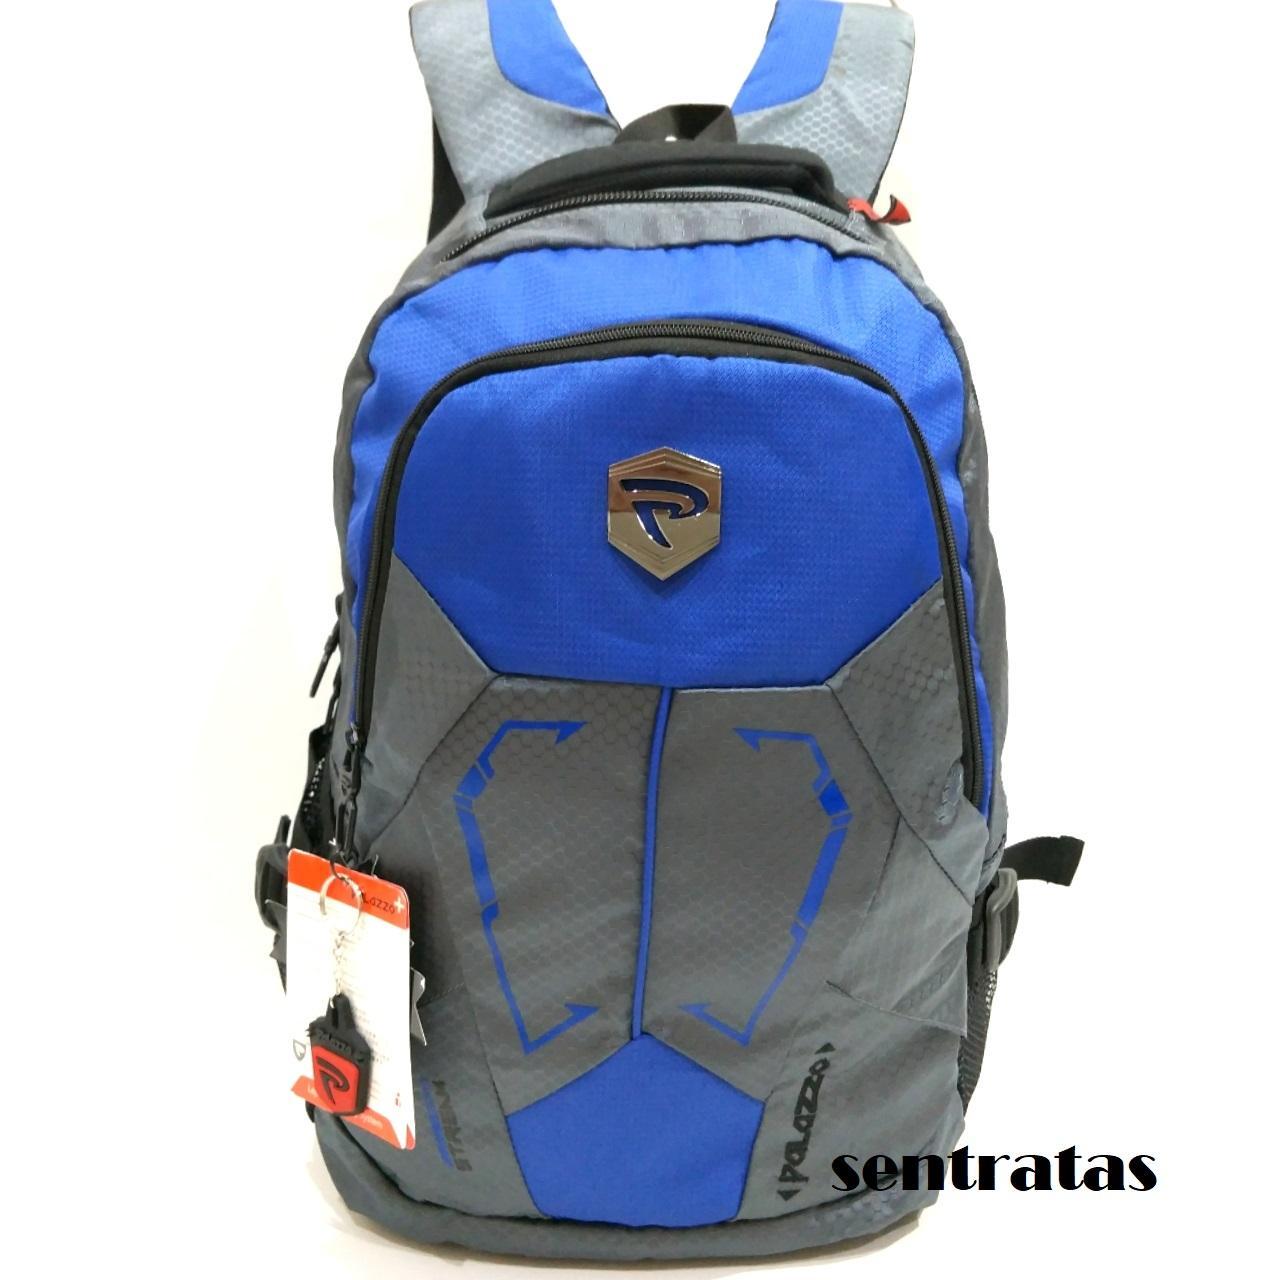 Rp 165000 Palazzo Tas Ransel Backpack Original Plus Raincover